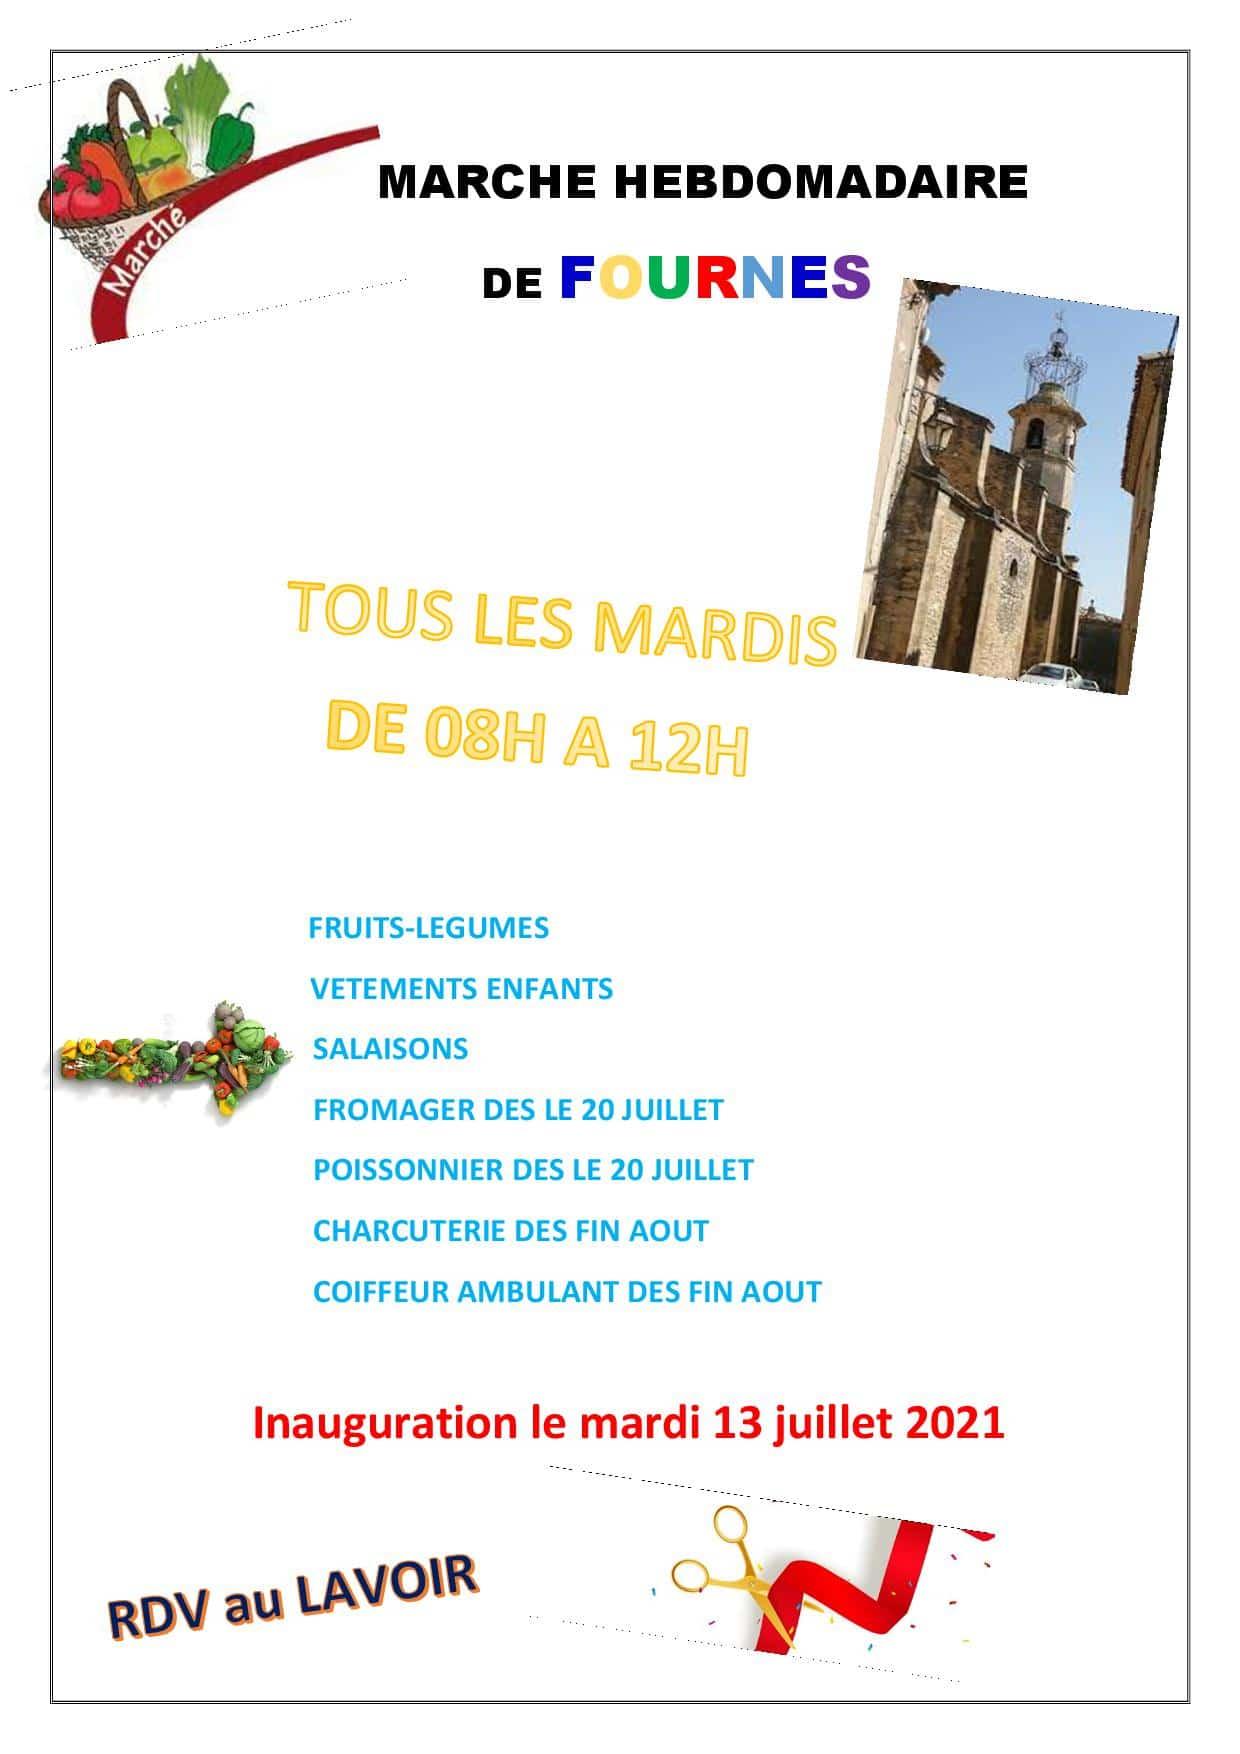 Marché Hebdomadaire de Fournès